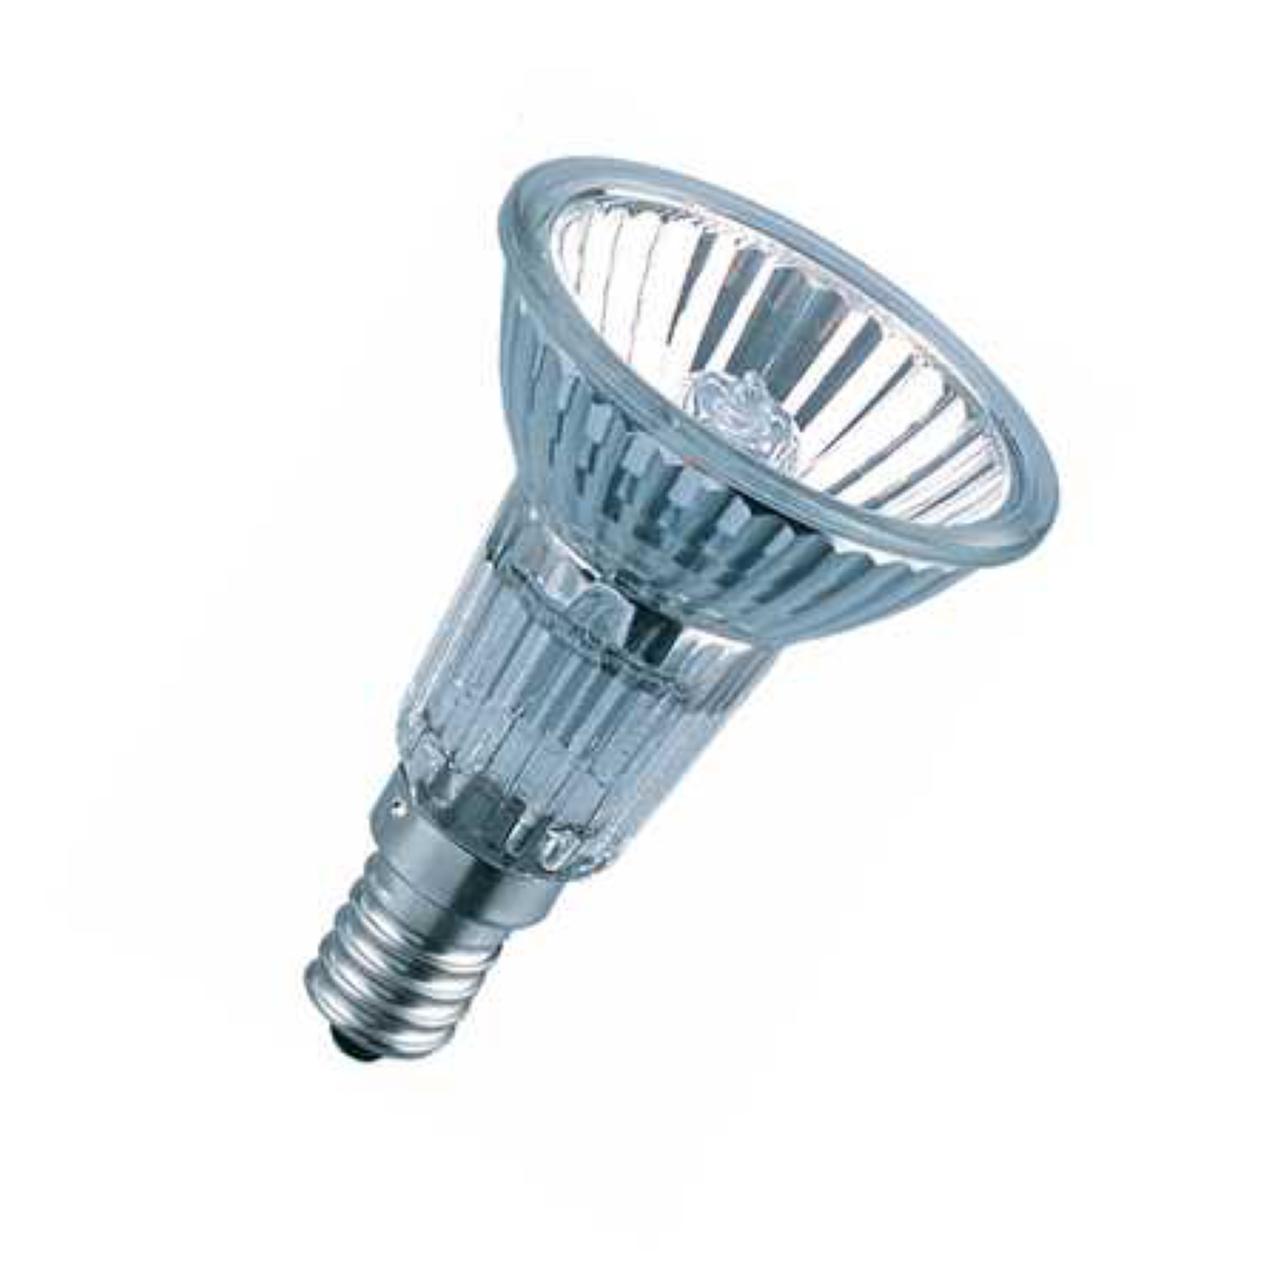 Ampoule halog ne osram halopar e14 40w 2700k 35d 230 - Ampoule e14 40w ...